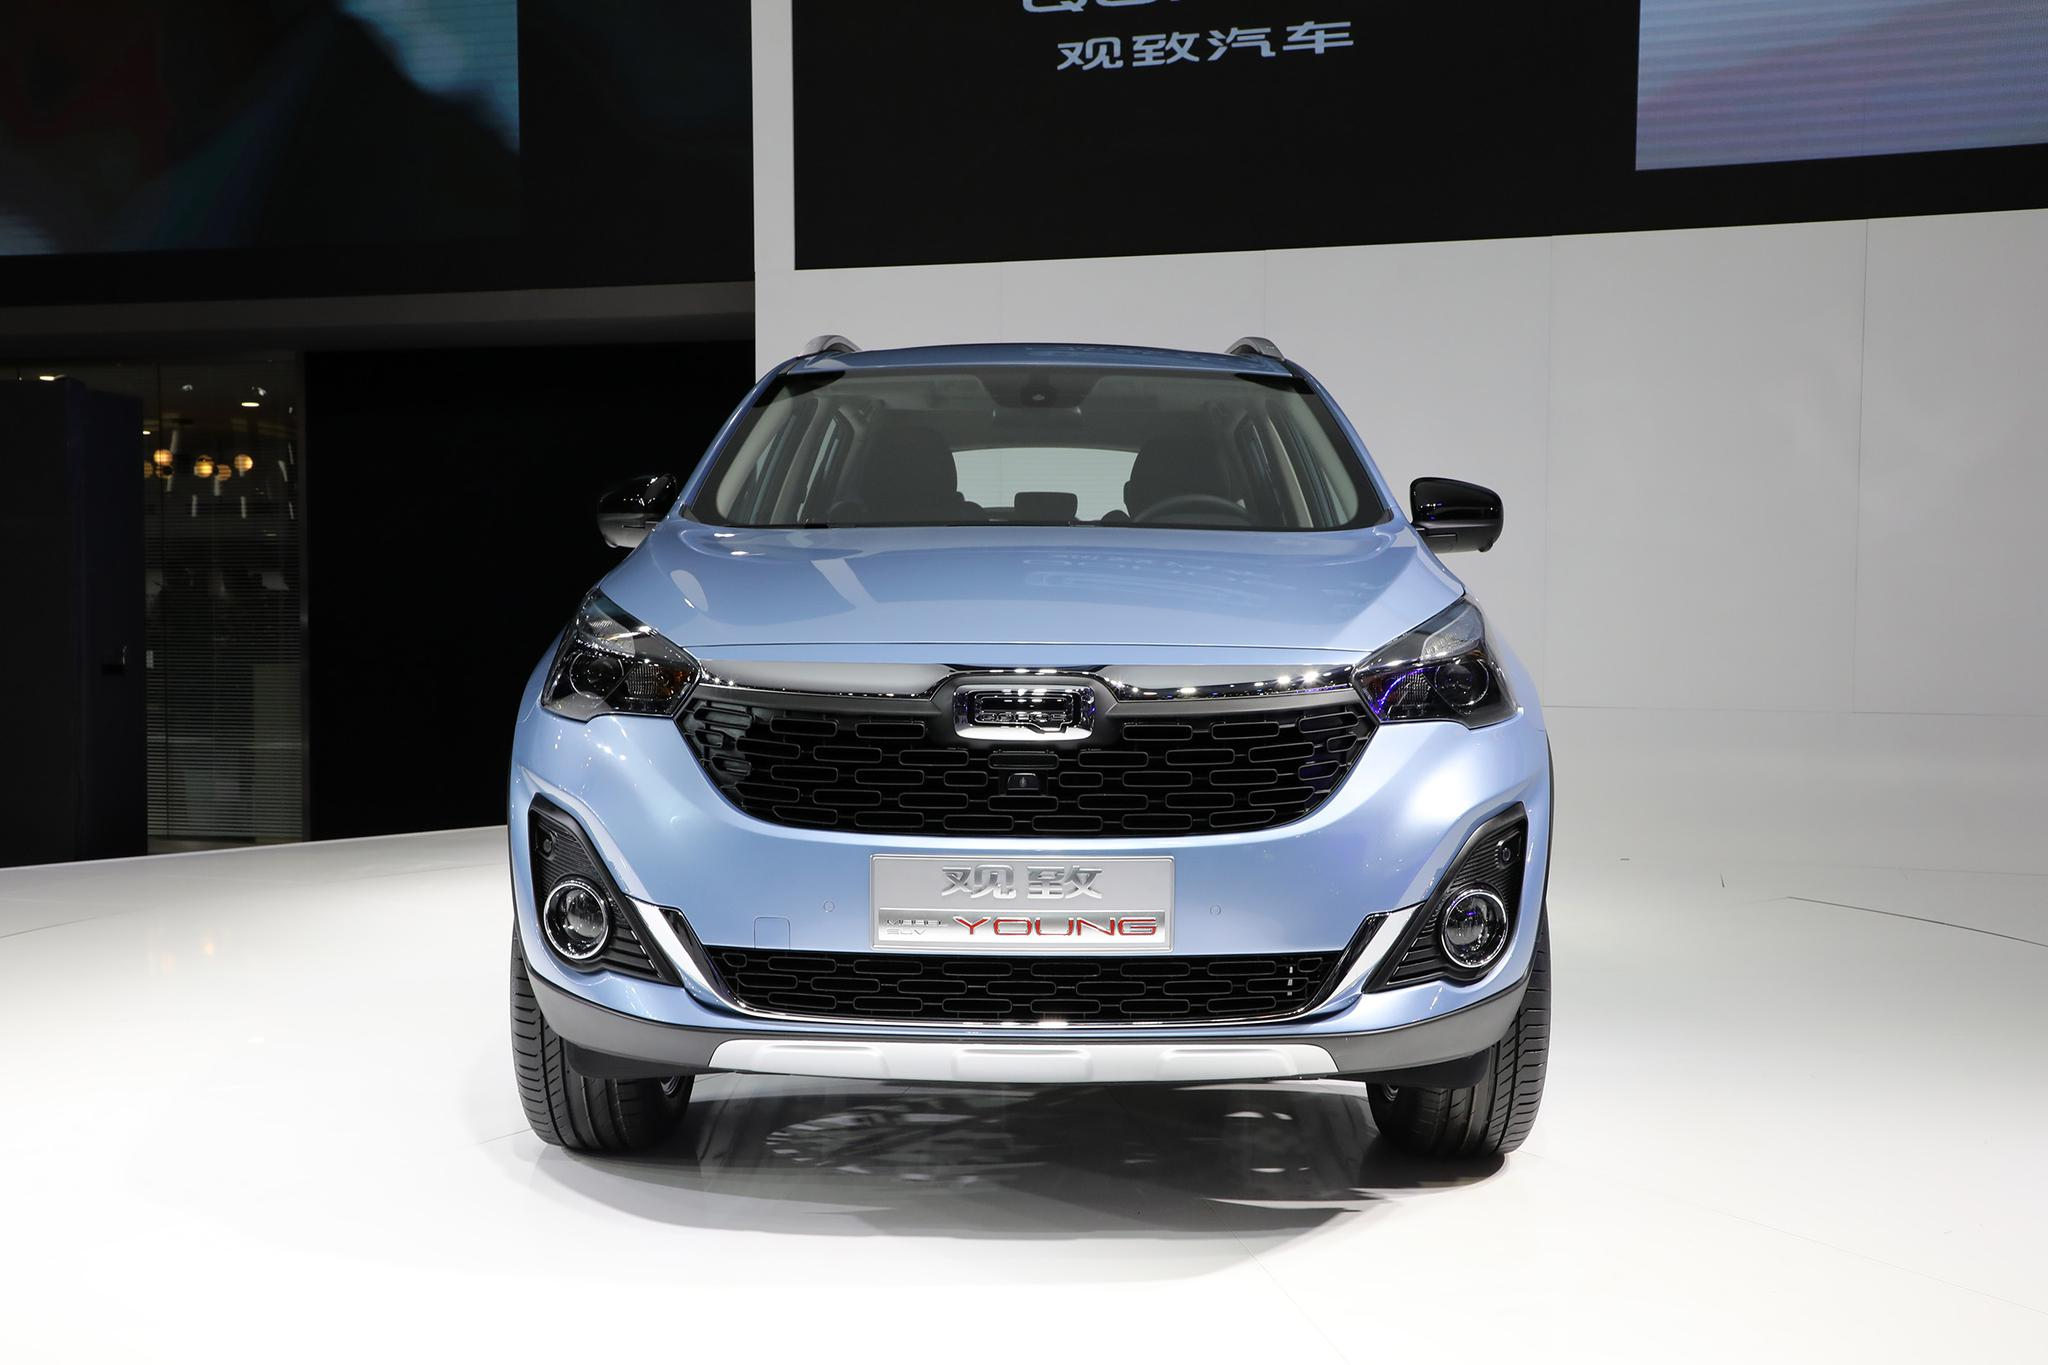 最悲惨的国产品牌,4年亏损82亿,新车要再卖不好真要停产了!